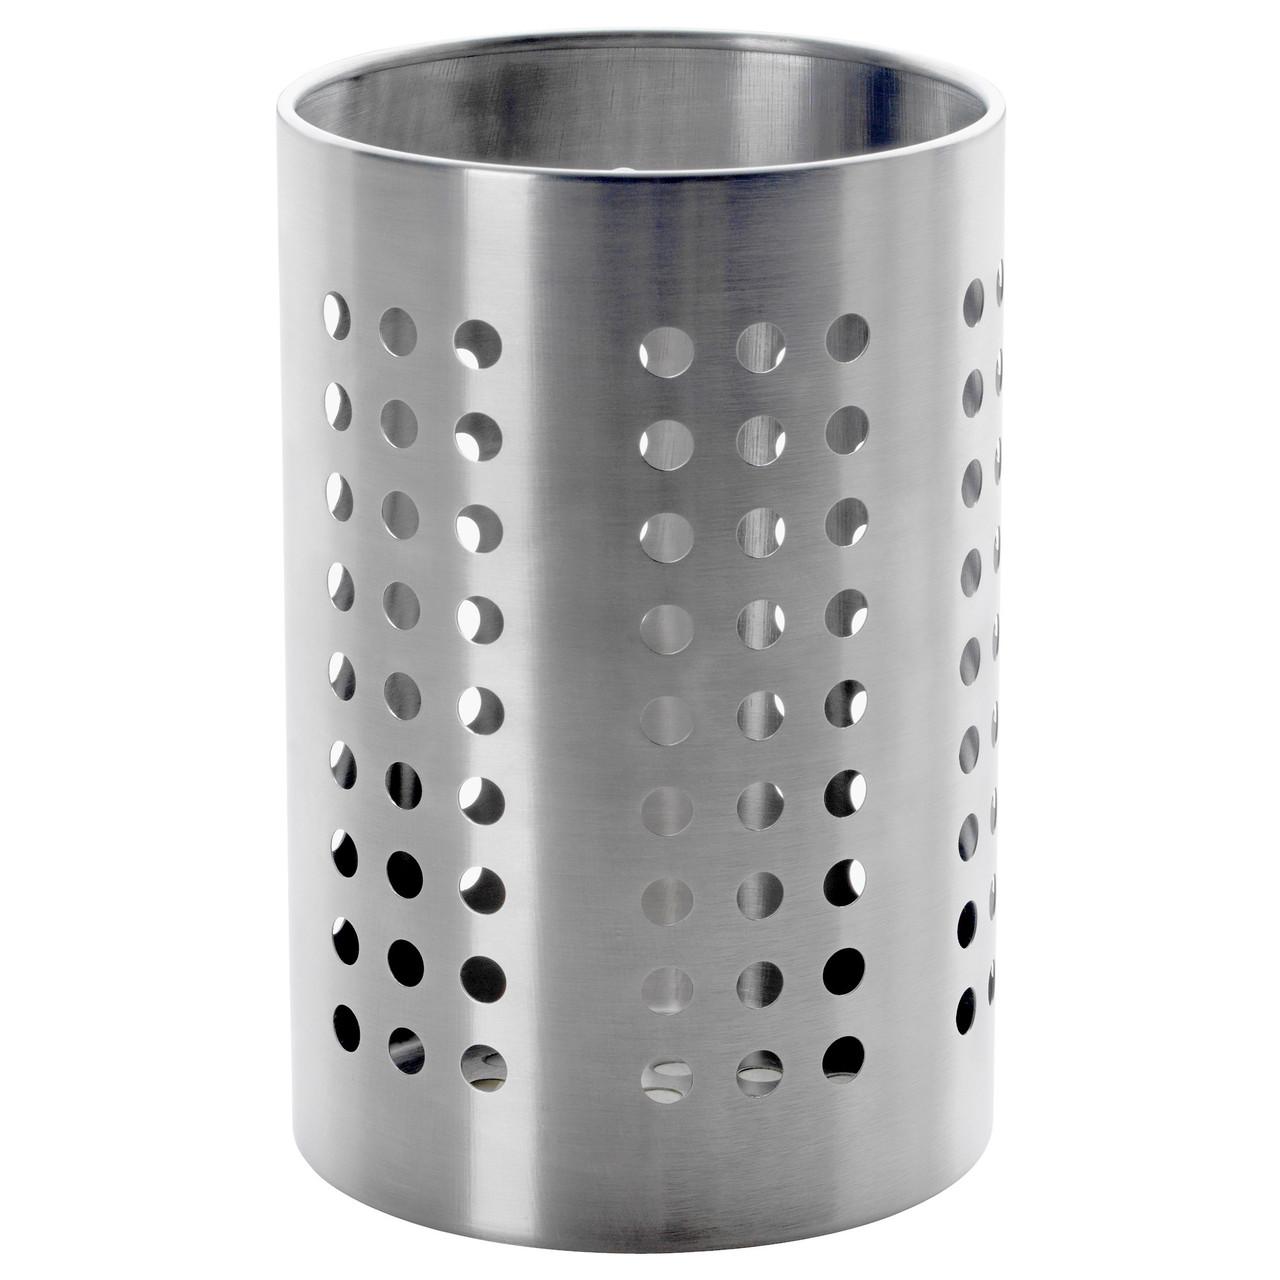 ОРДНИНГ Сушилка для кухонных принадлежностей, 301.317.16